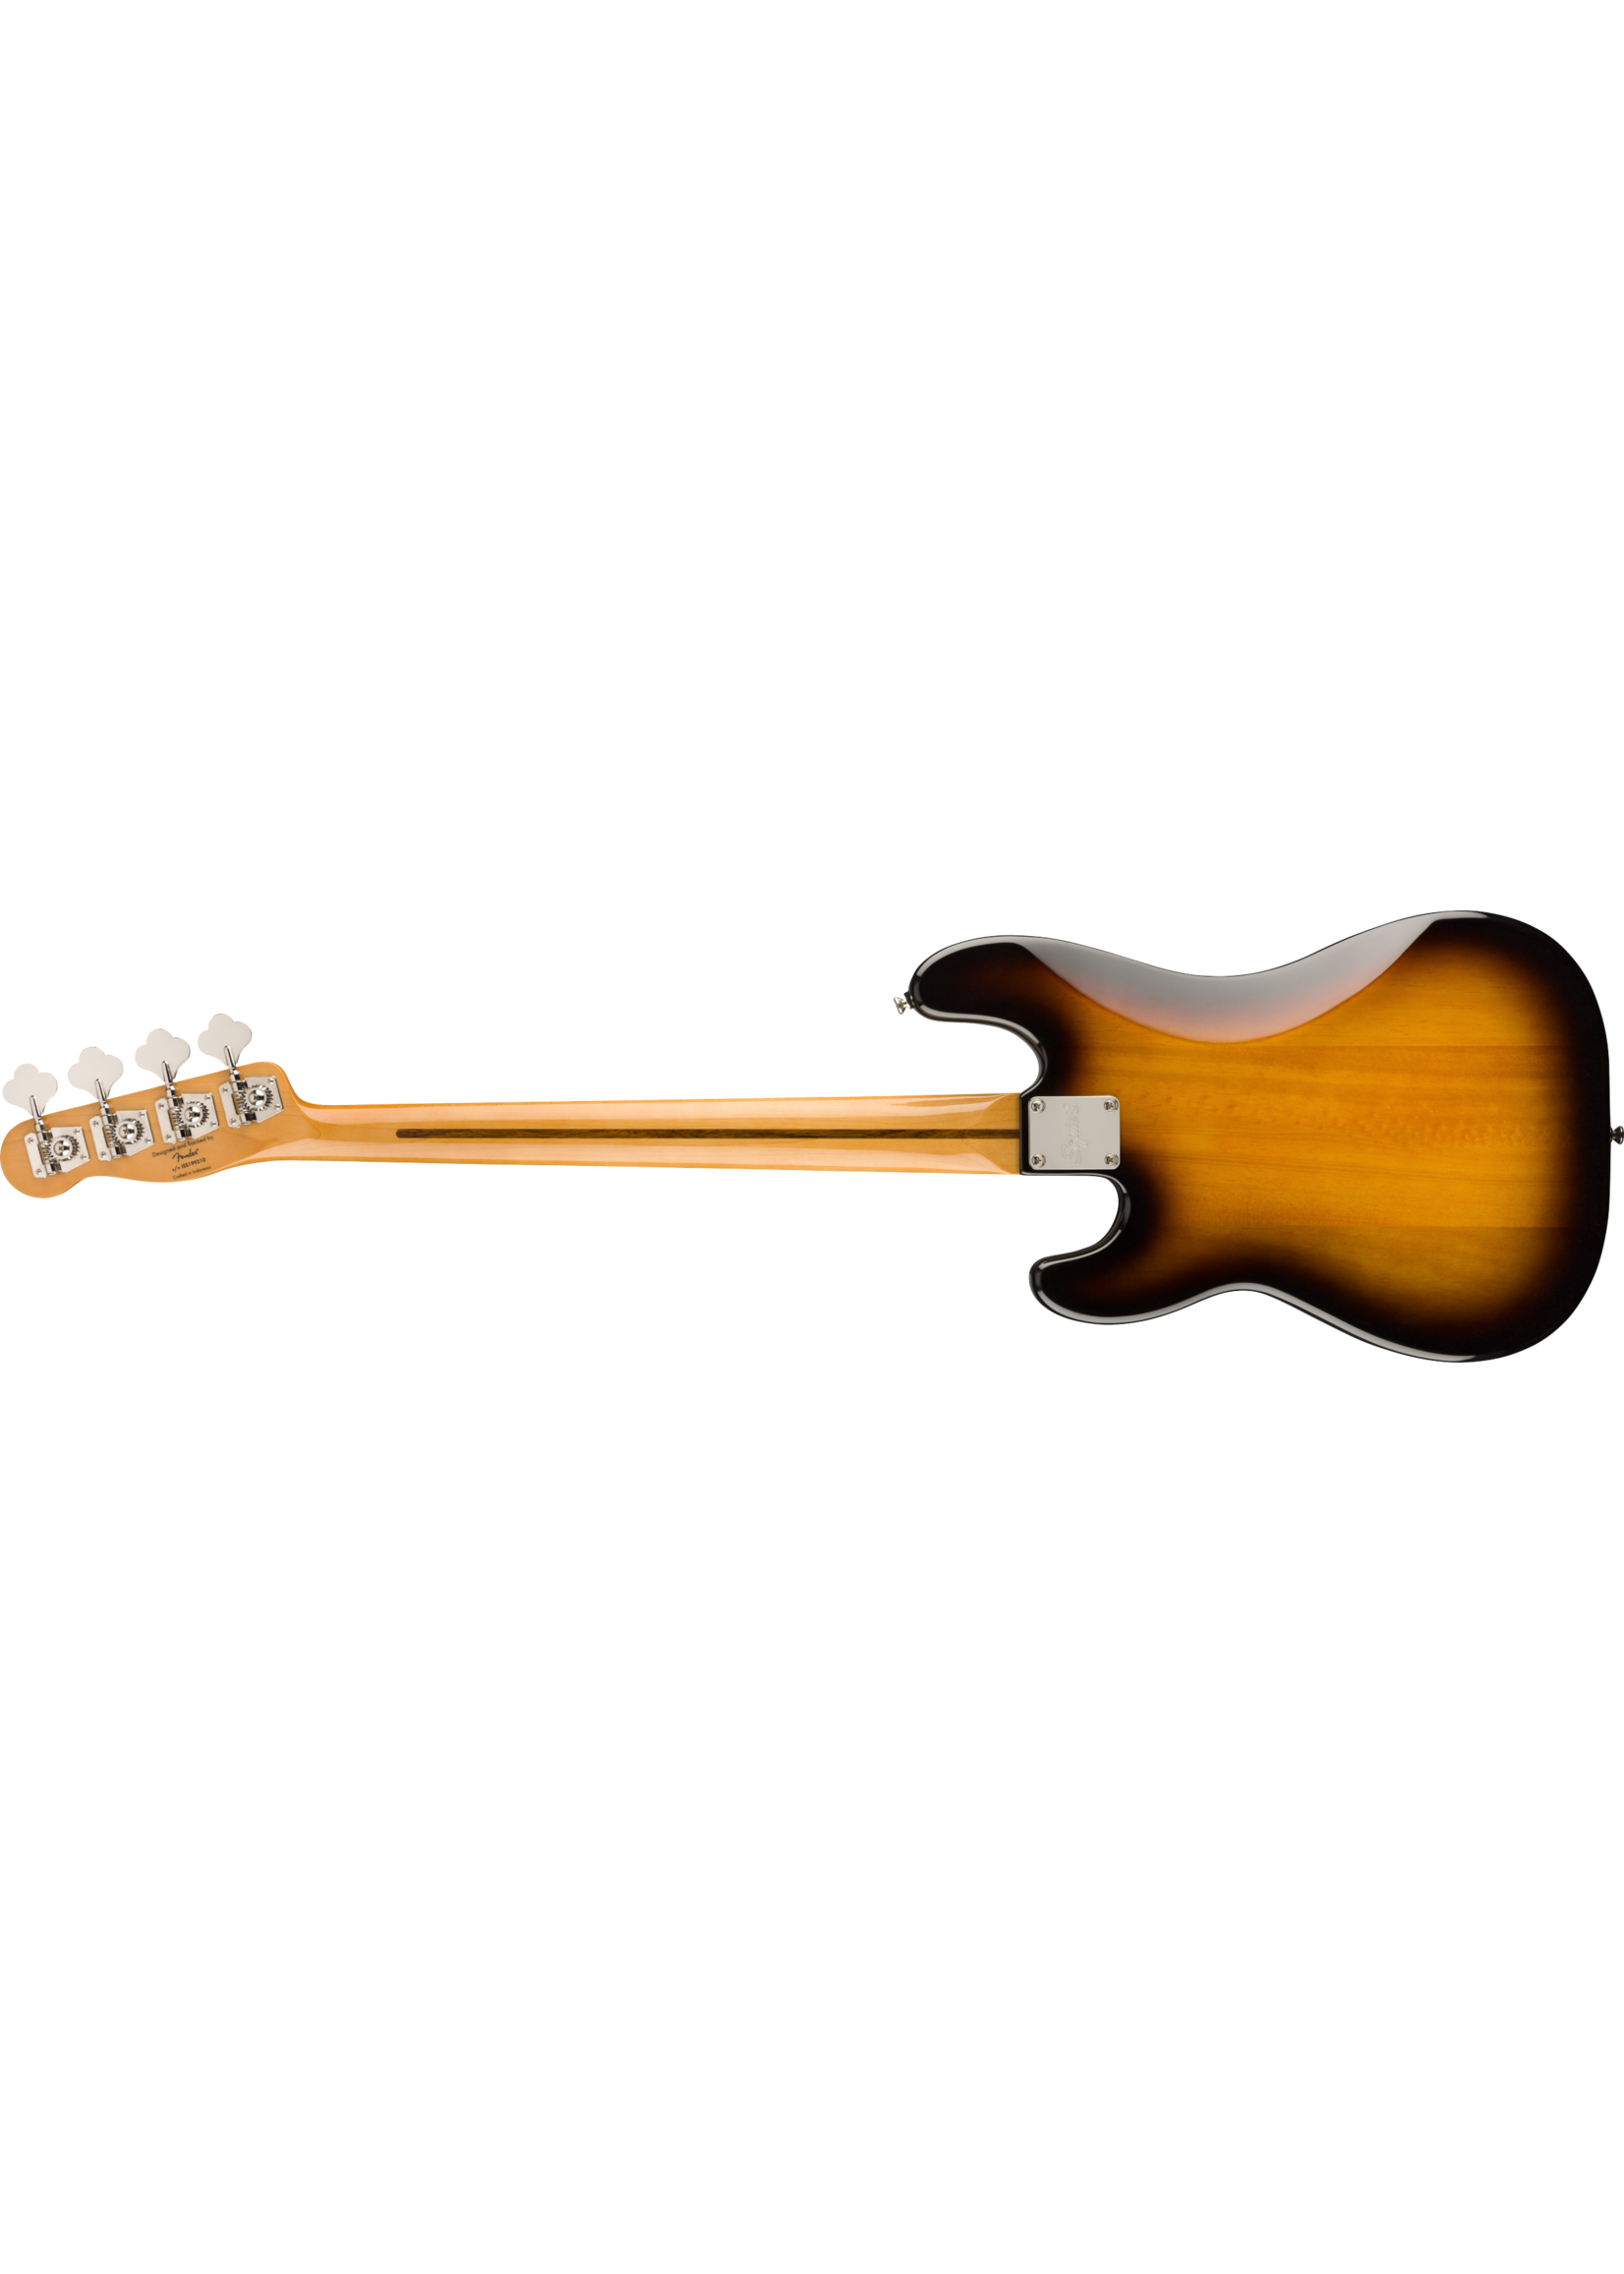 Squier Squier Classic Vibe '50s Precision Bass 2-Tone Sunburst